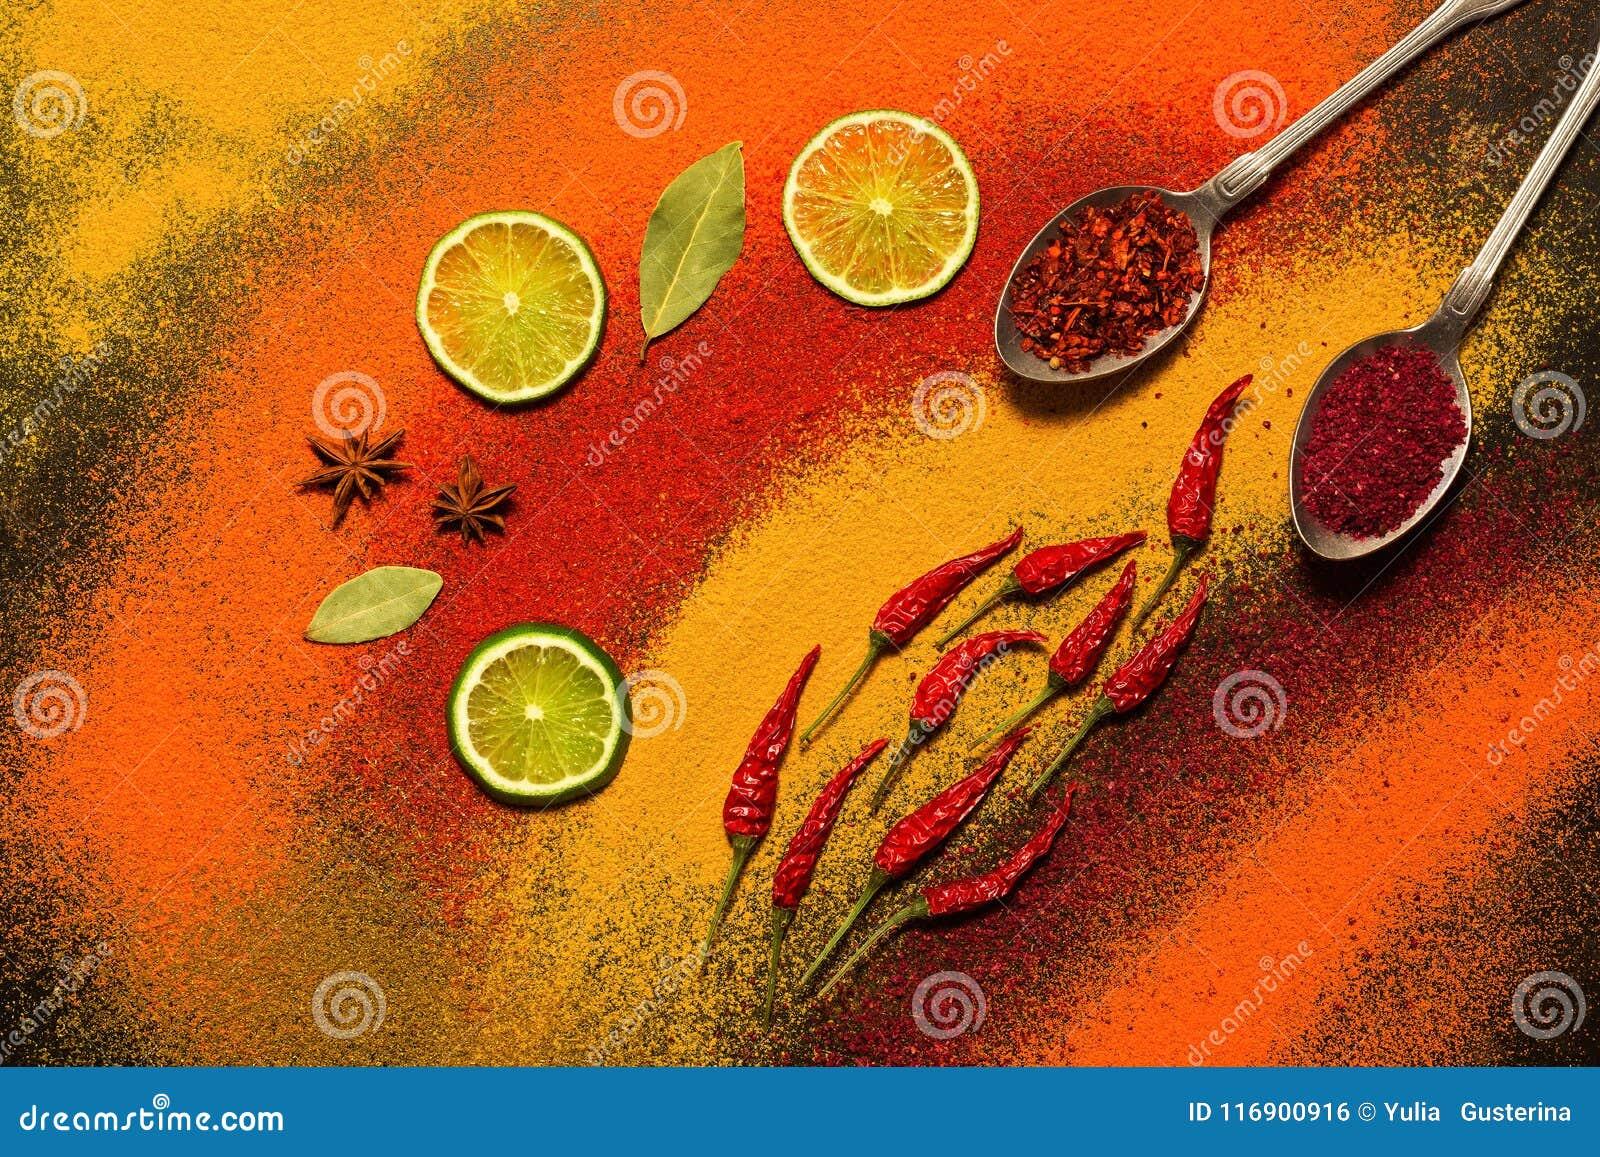 Fondo de diversas especias, rojo, naranja, amarilla Paprika, cúrcuma, anís, hoja de laurel, pimienta de chiles, cal, azafrán Spic